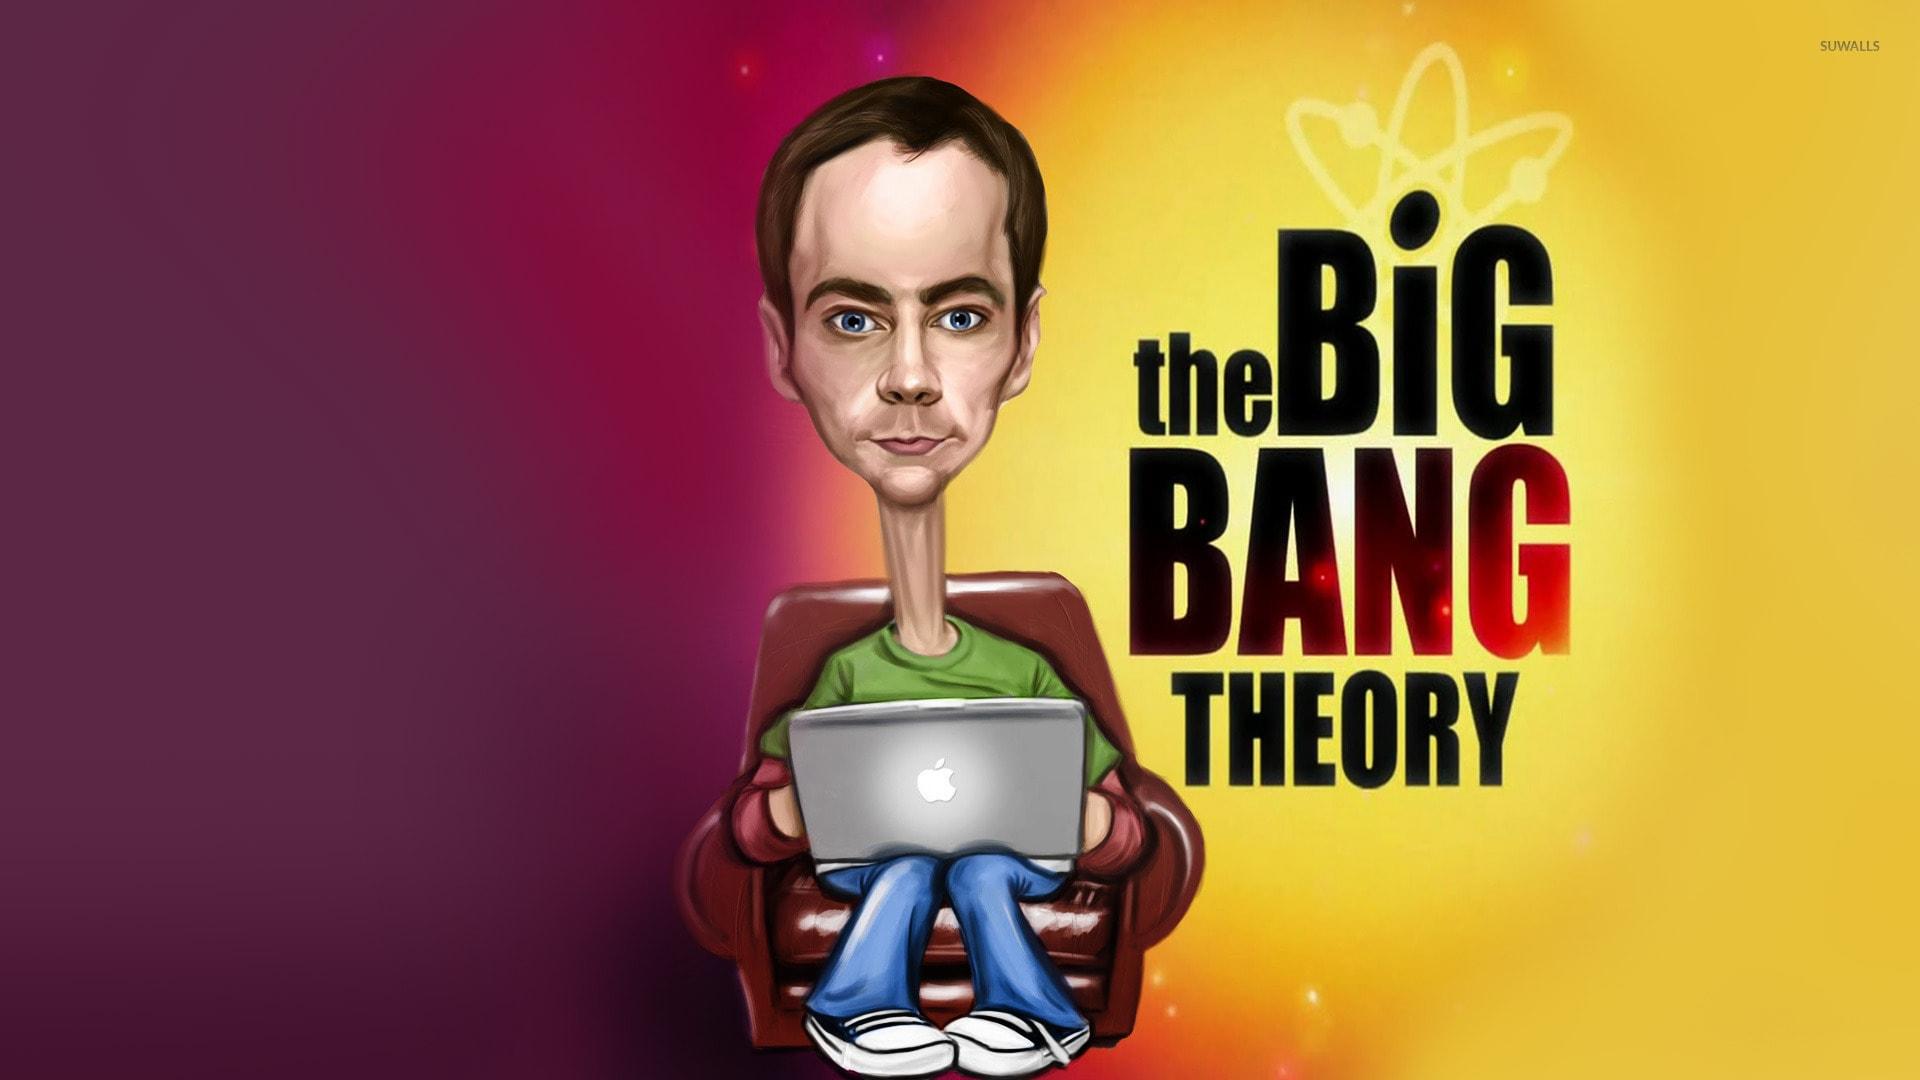 Sheldon Cooper Download Sheldon Cooper Desktop Wallpaper Big